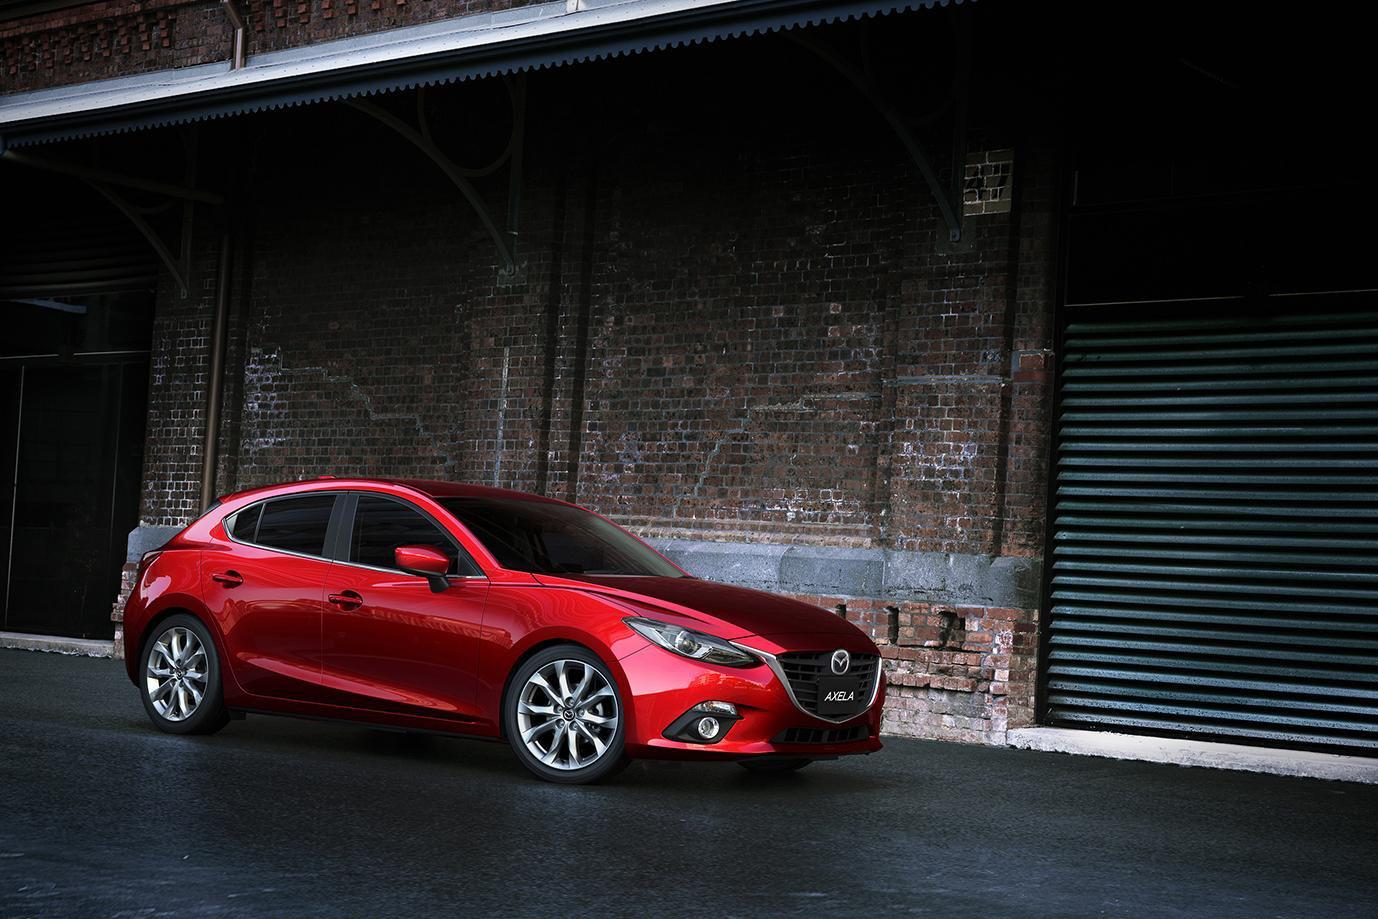 2014 Mazda 3 gets brand's first hybrid